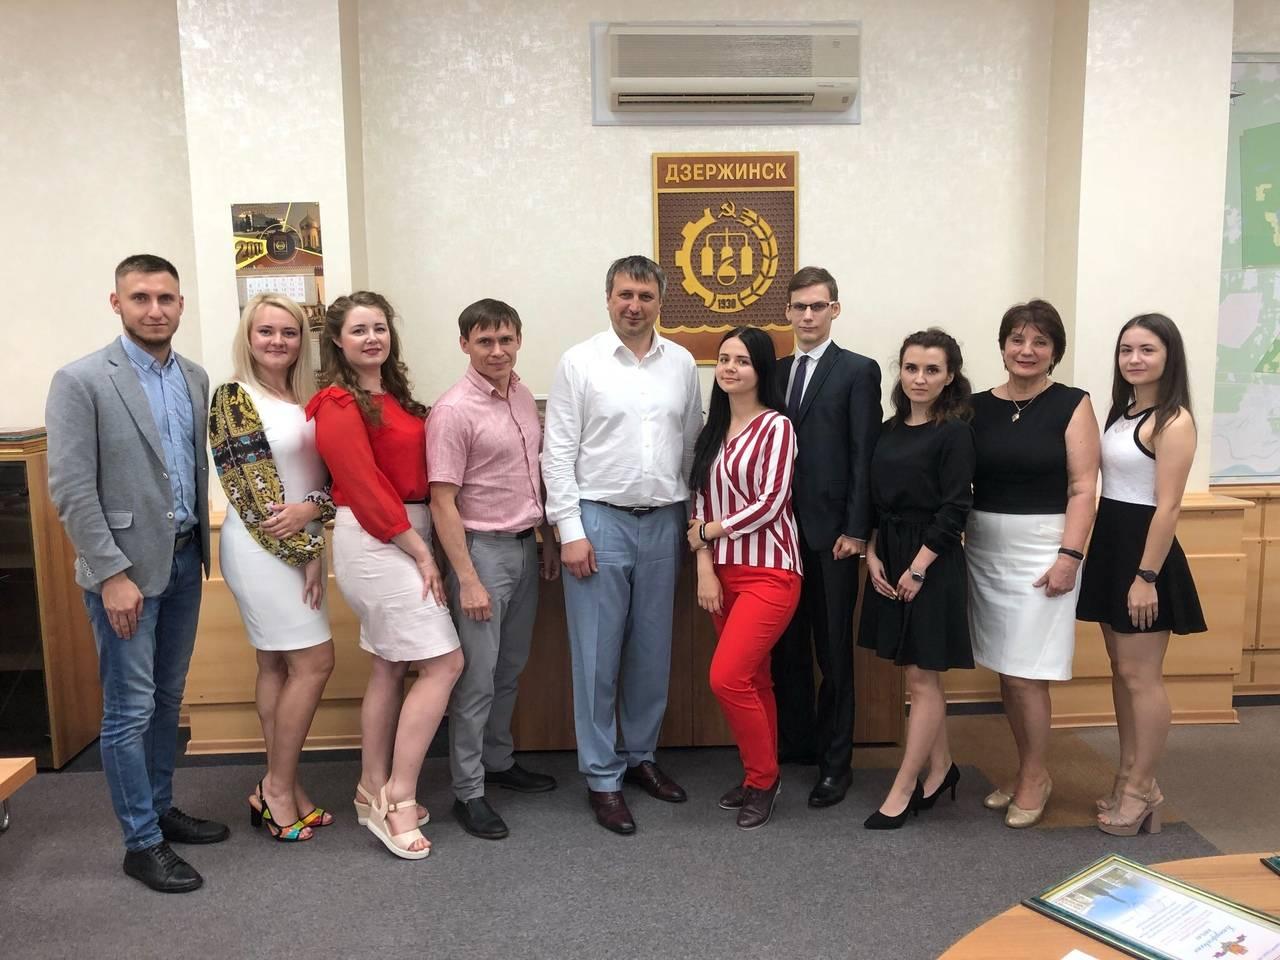 Студенты и сотрудники Дзержинского филиала РАНХиГС встретились с главой города Дзержинск